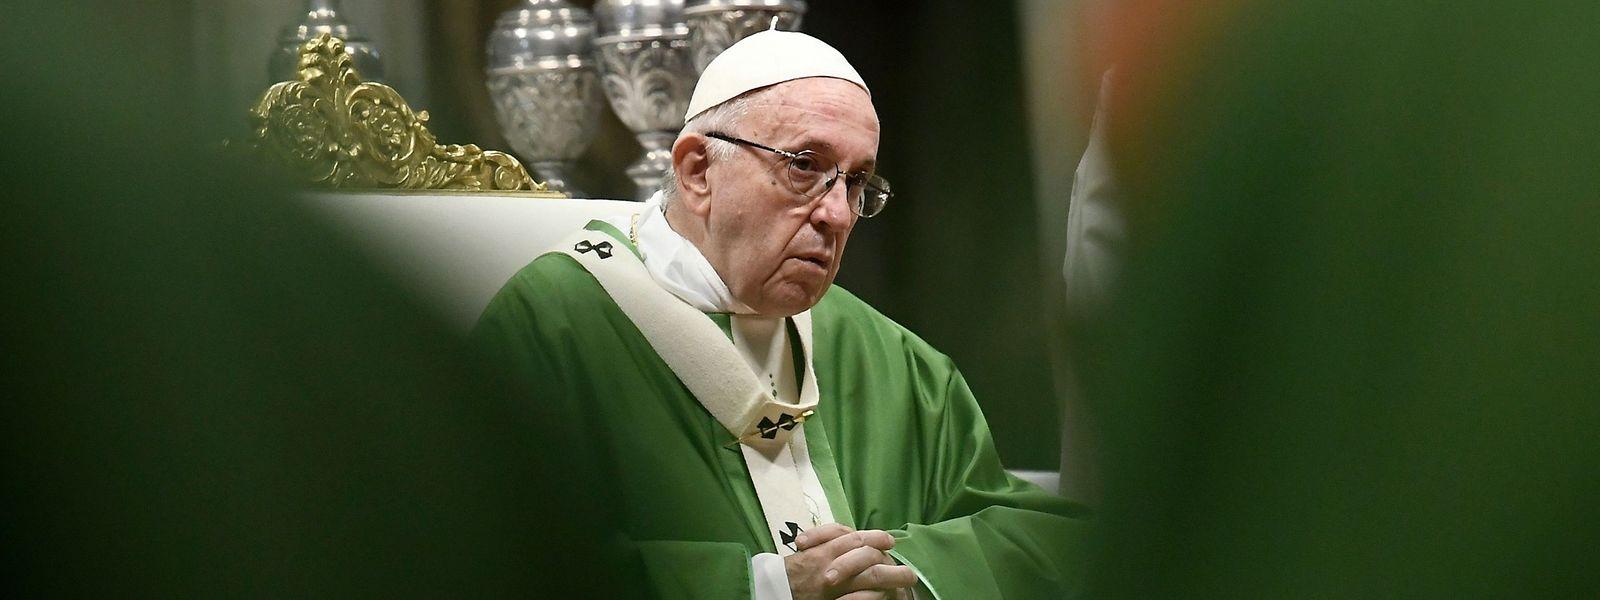 """""""Im Moment klagt man uns sehr heftig an"""", sagt Papst Franziskus."""